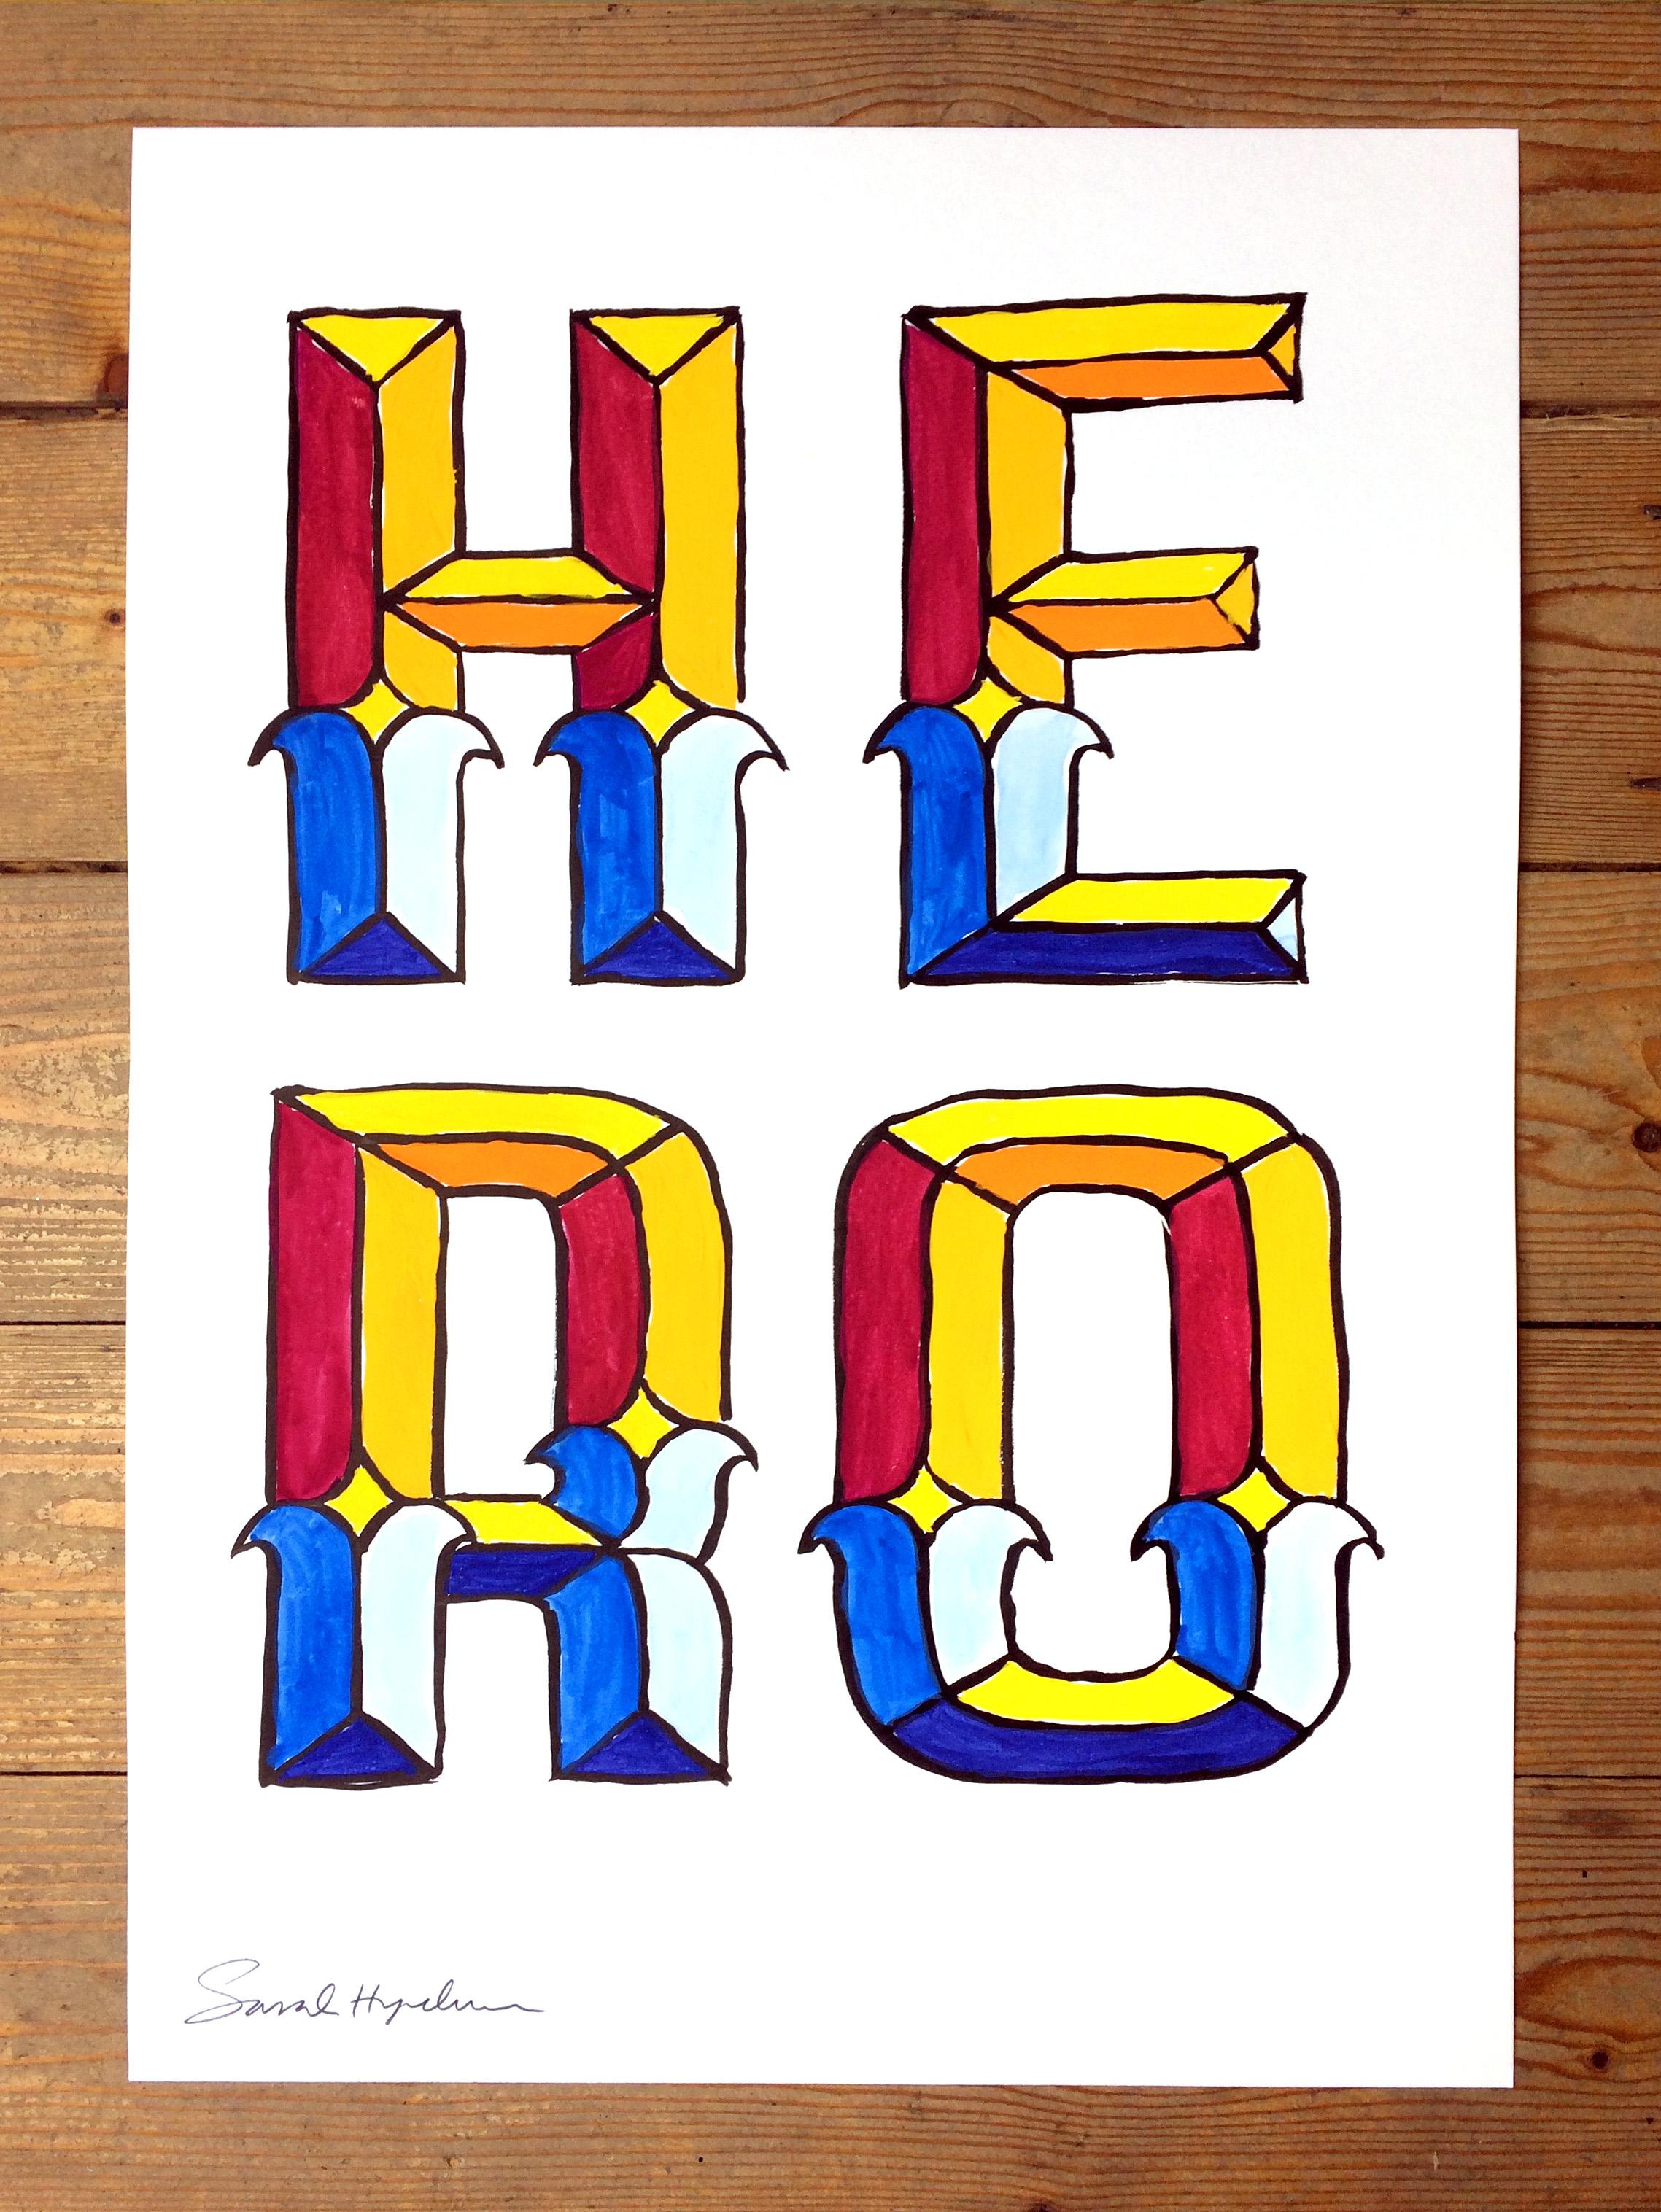 Hero - painting by Sarah Hyndman